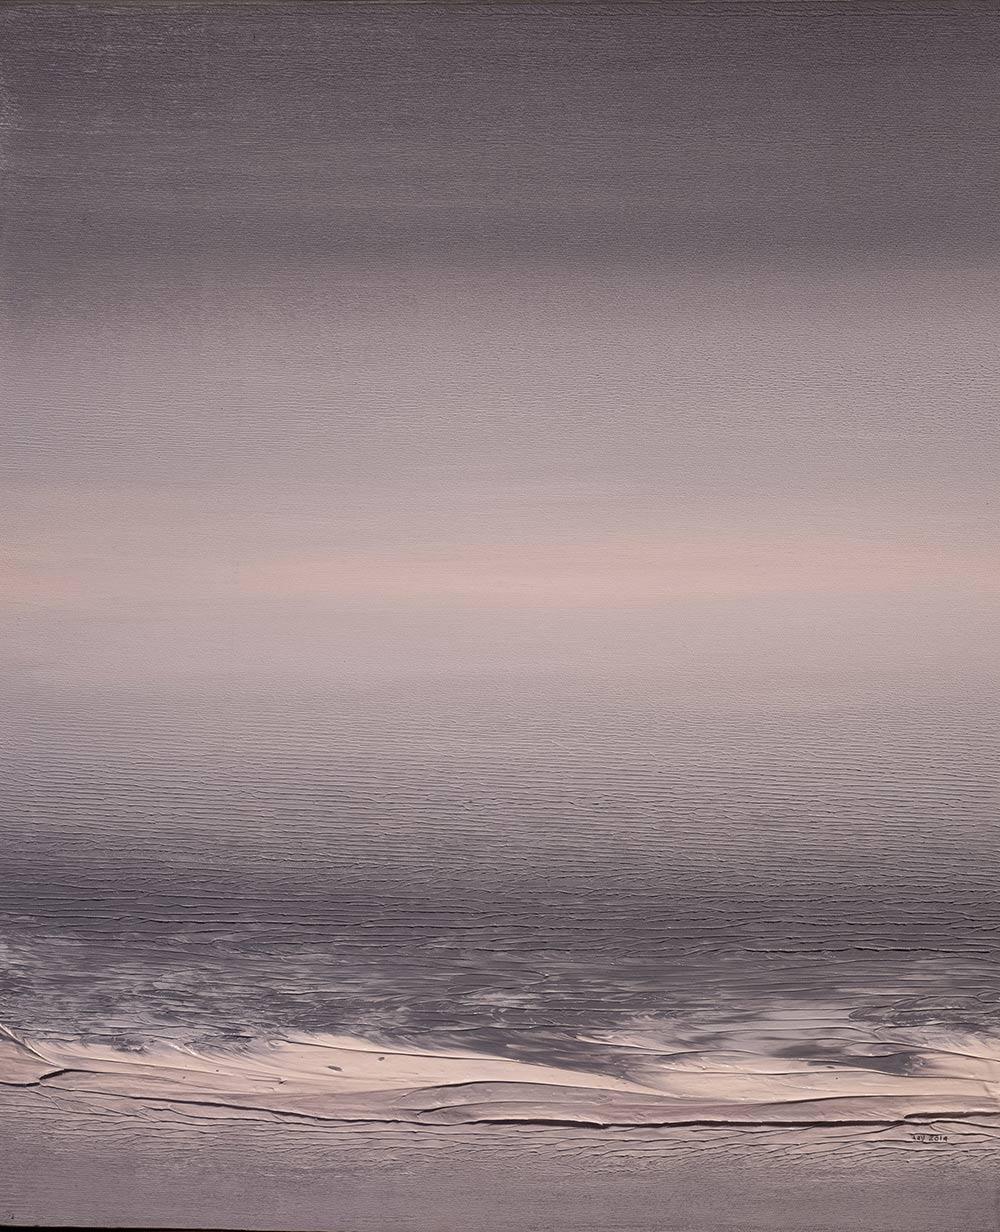 David-Joy-Seascapes-D19-013-48